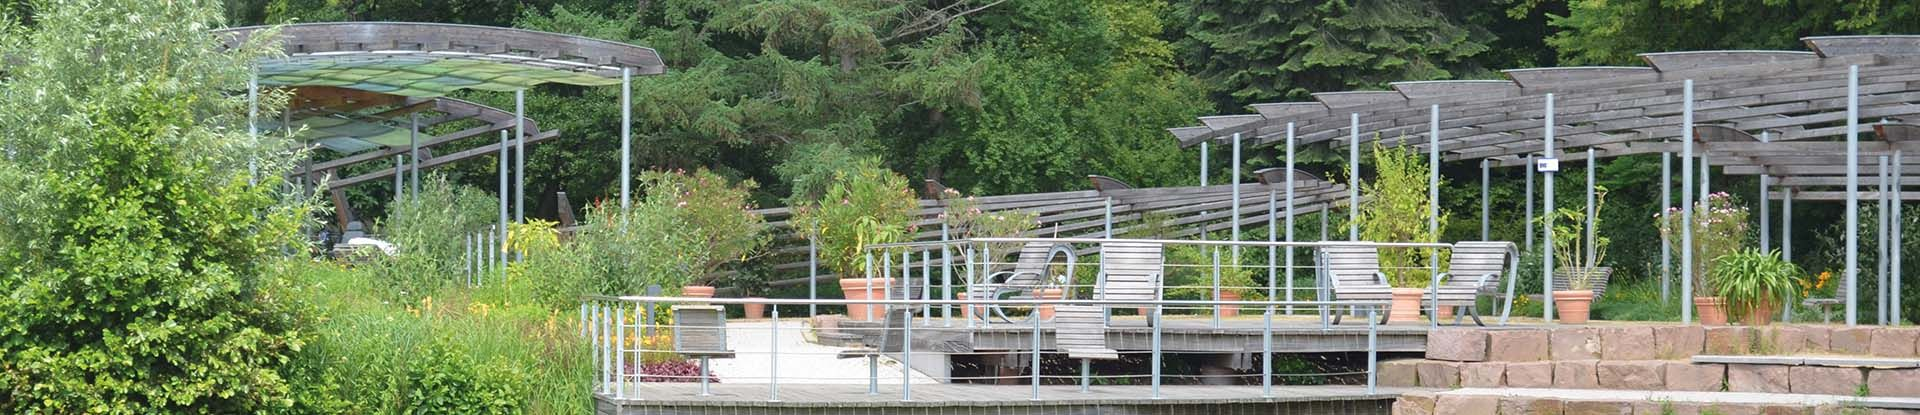 Blick auf die Pergola am See im Kurpark Bad Bevensen